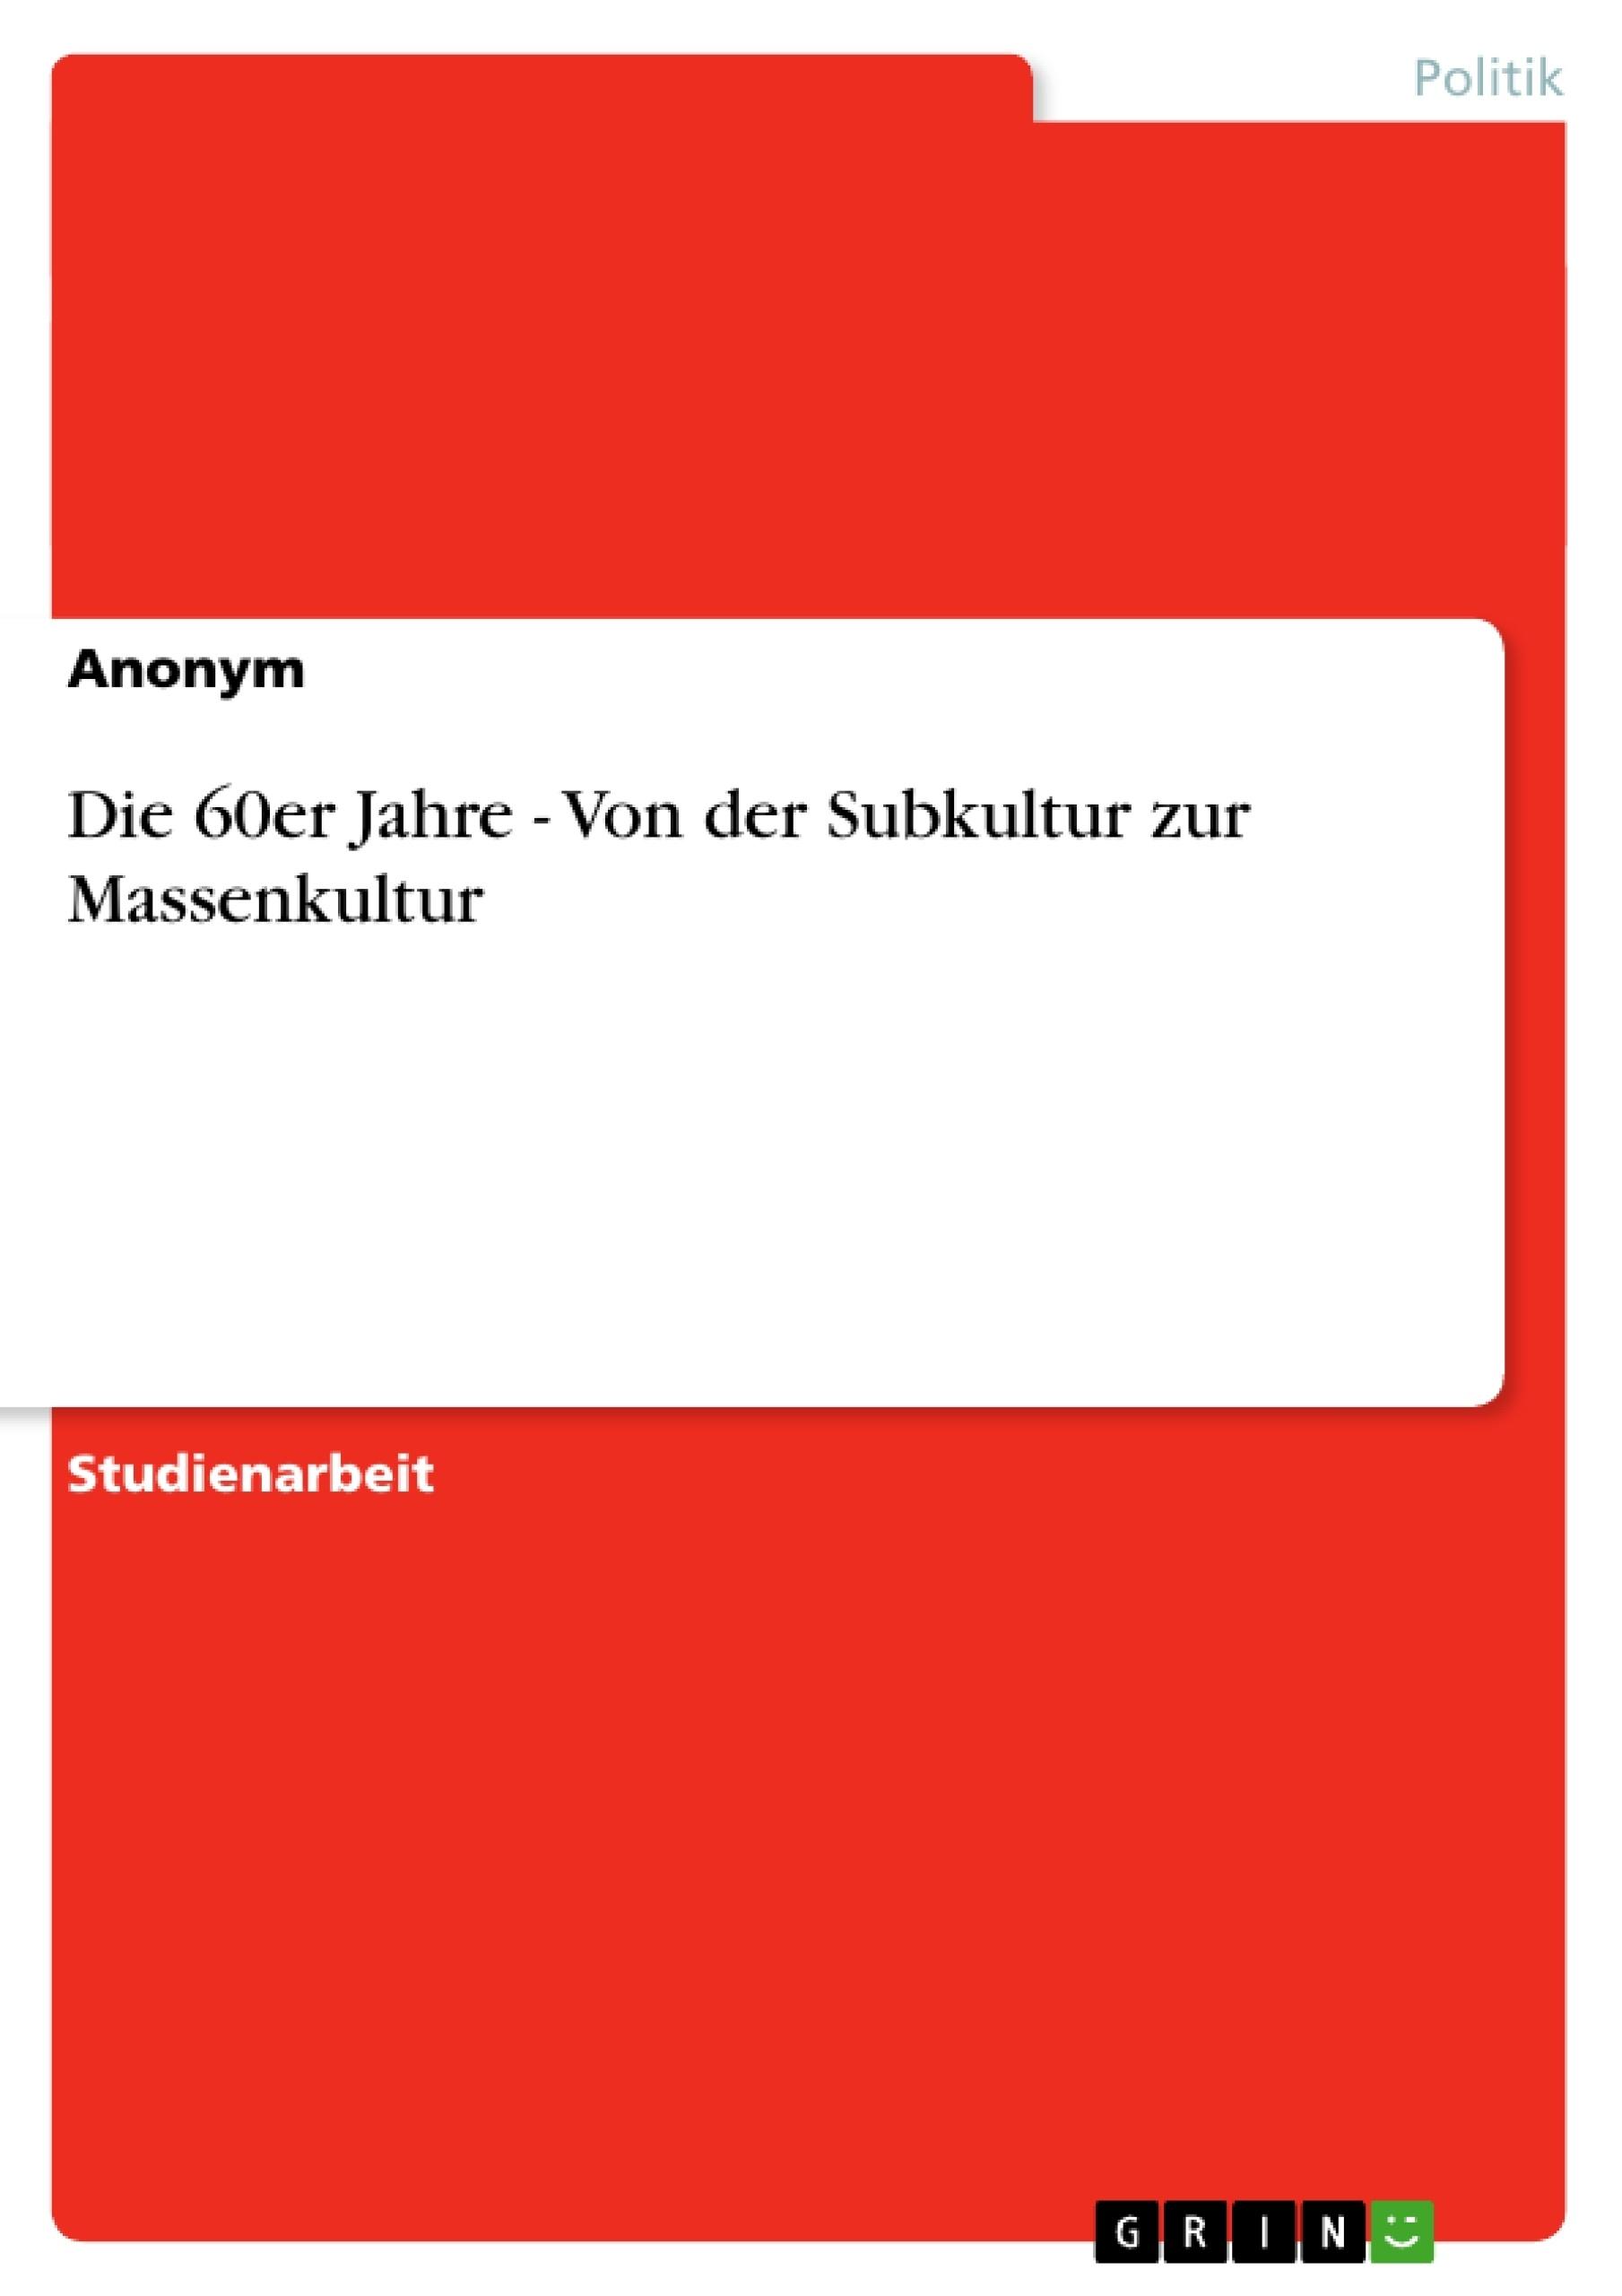 Titel: Die 60er Jahre - Von der Subkultur zur Massenkultur